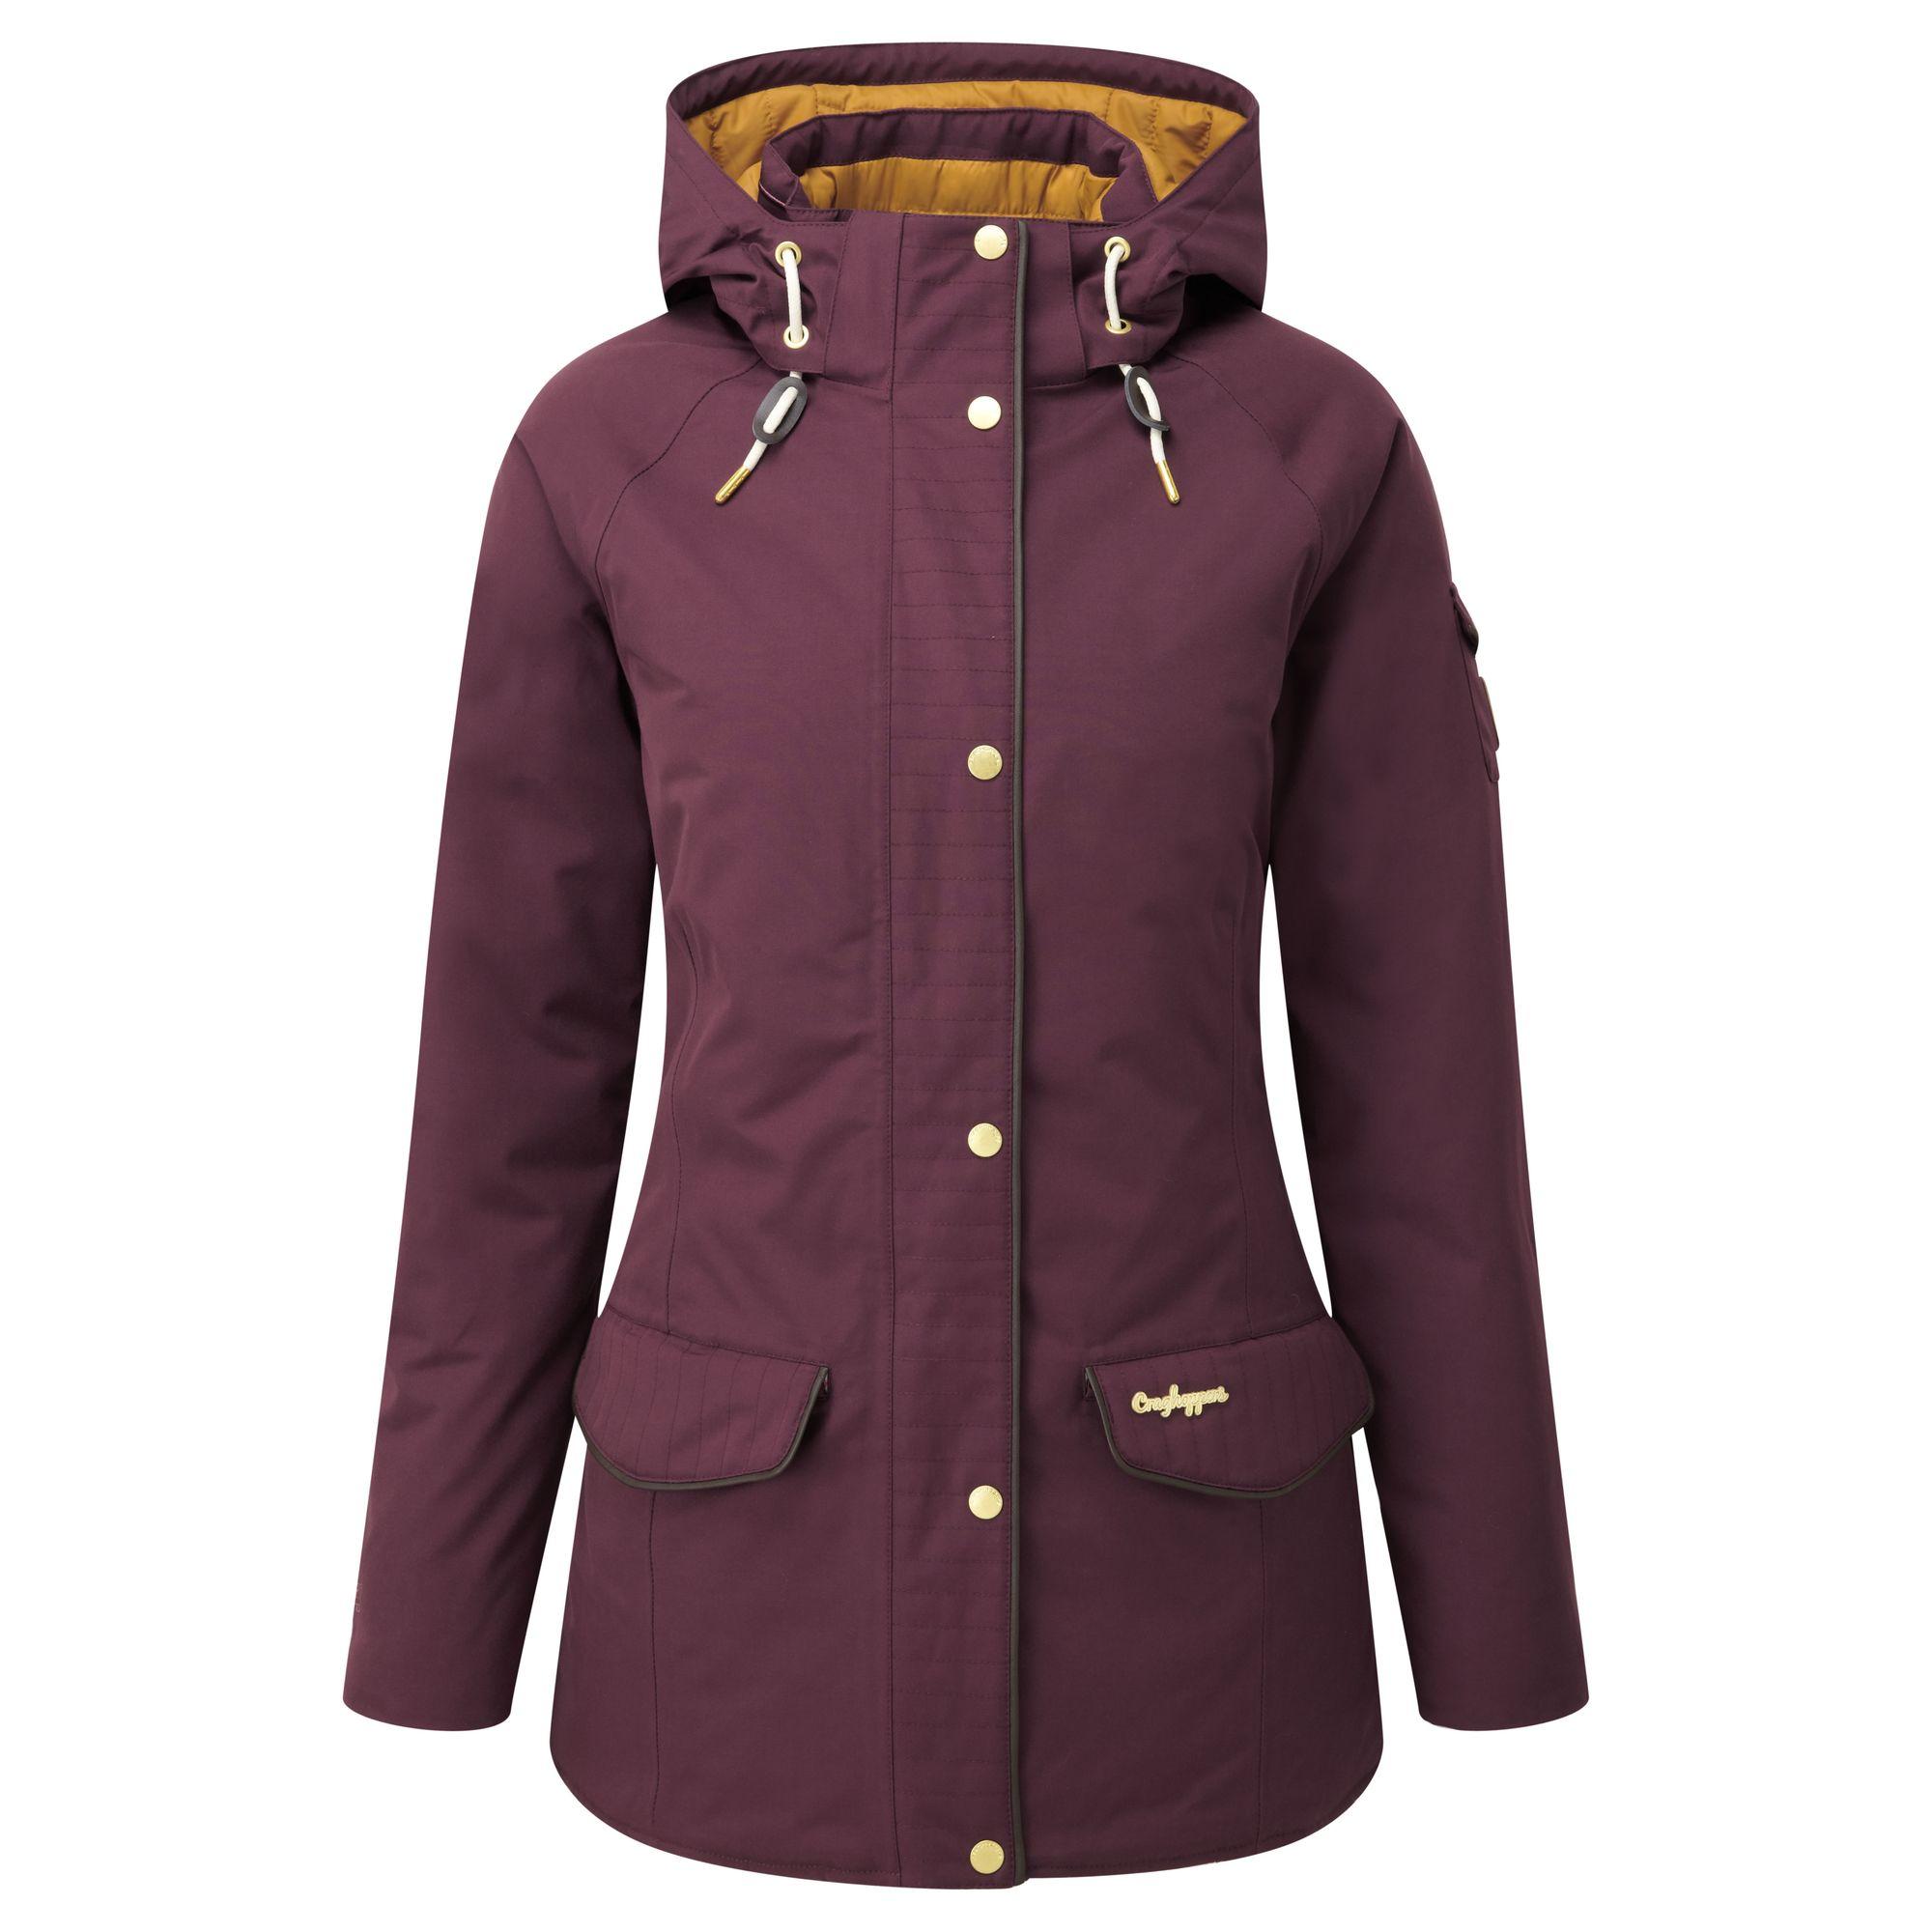 Craghoppers Womens/Ladies 250 Hooded Waterproof Winter Jacket   eBay